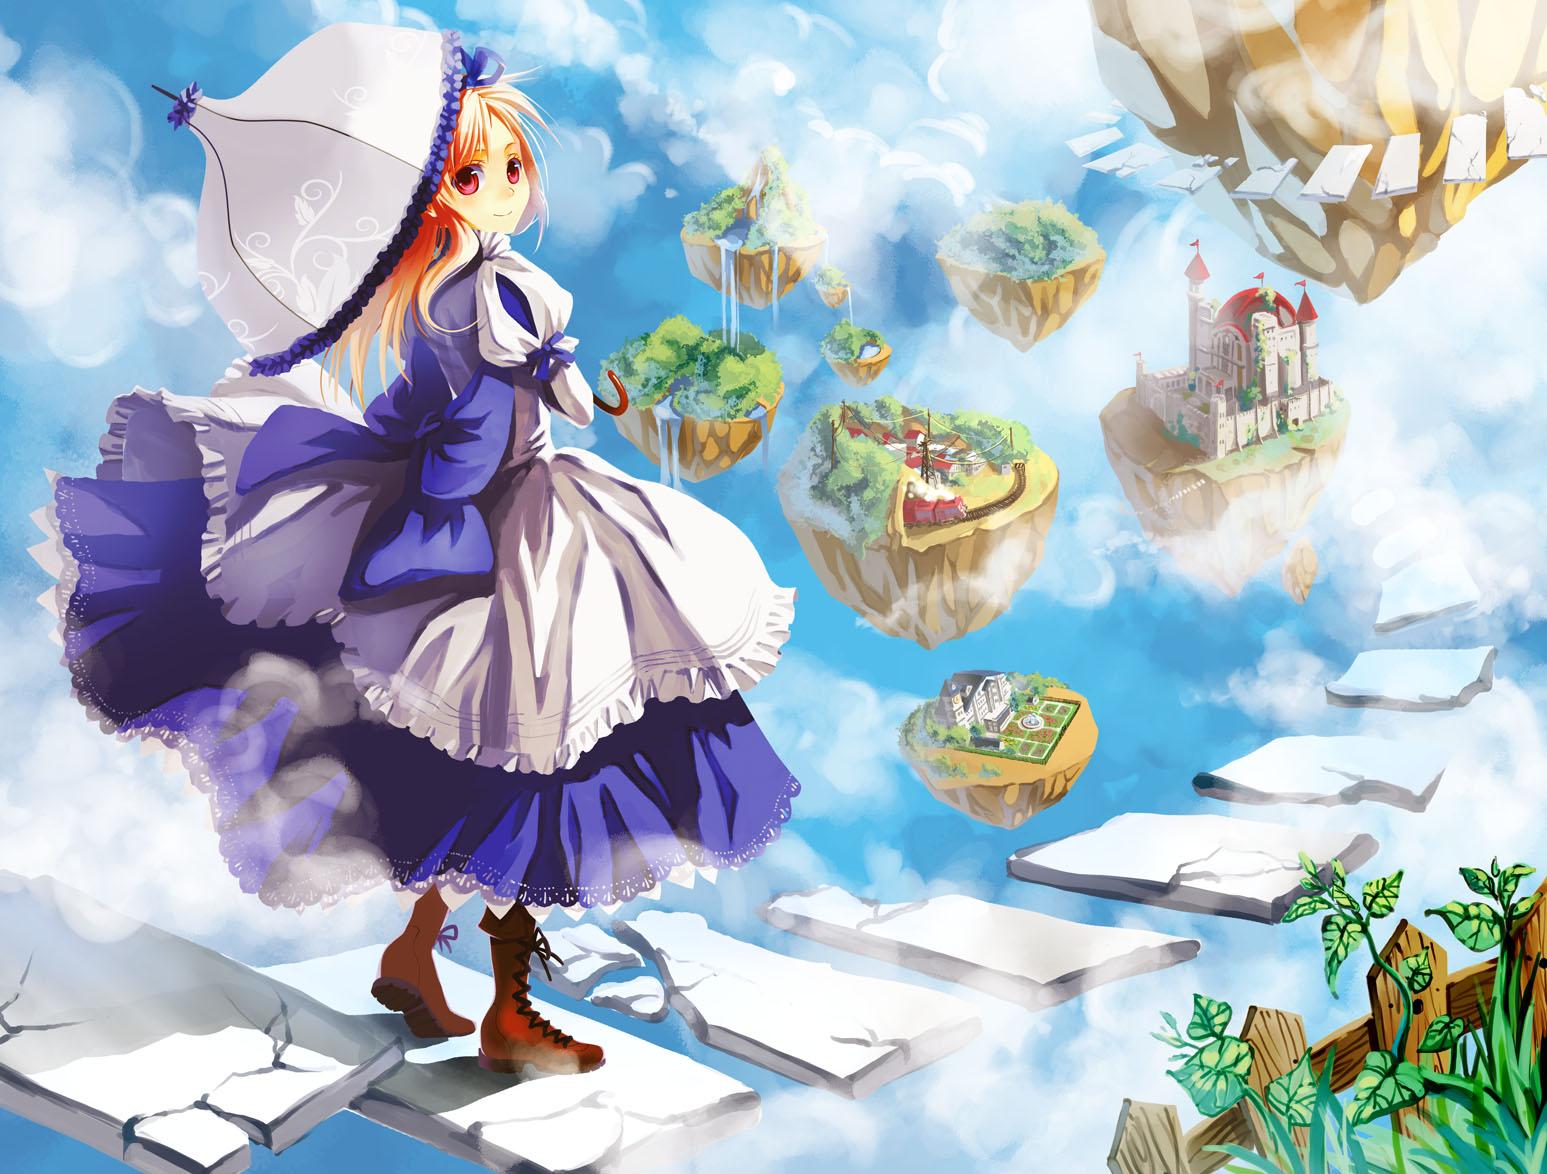 alice_(wonderland) alice_in_wonderland blonde_hair dress newrein red_eyes sky umbrella